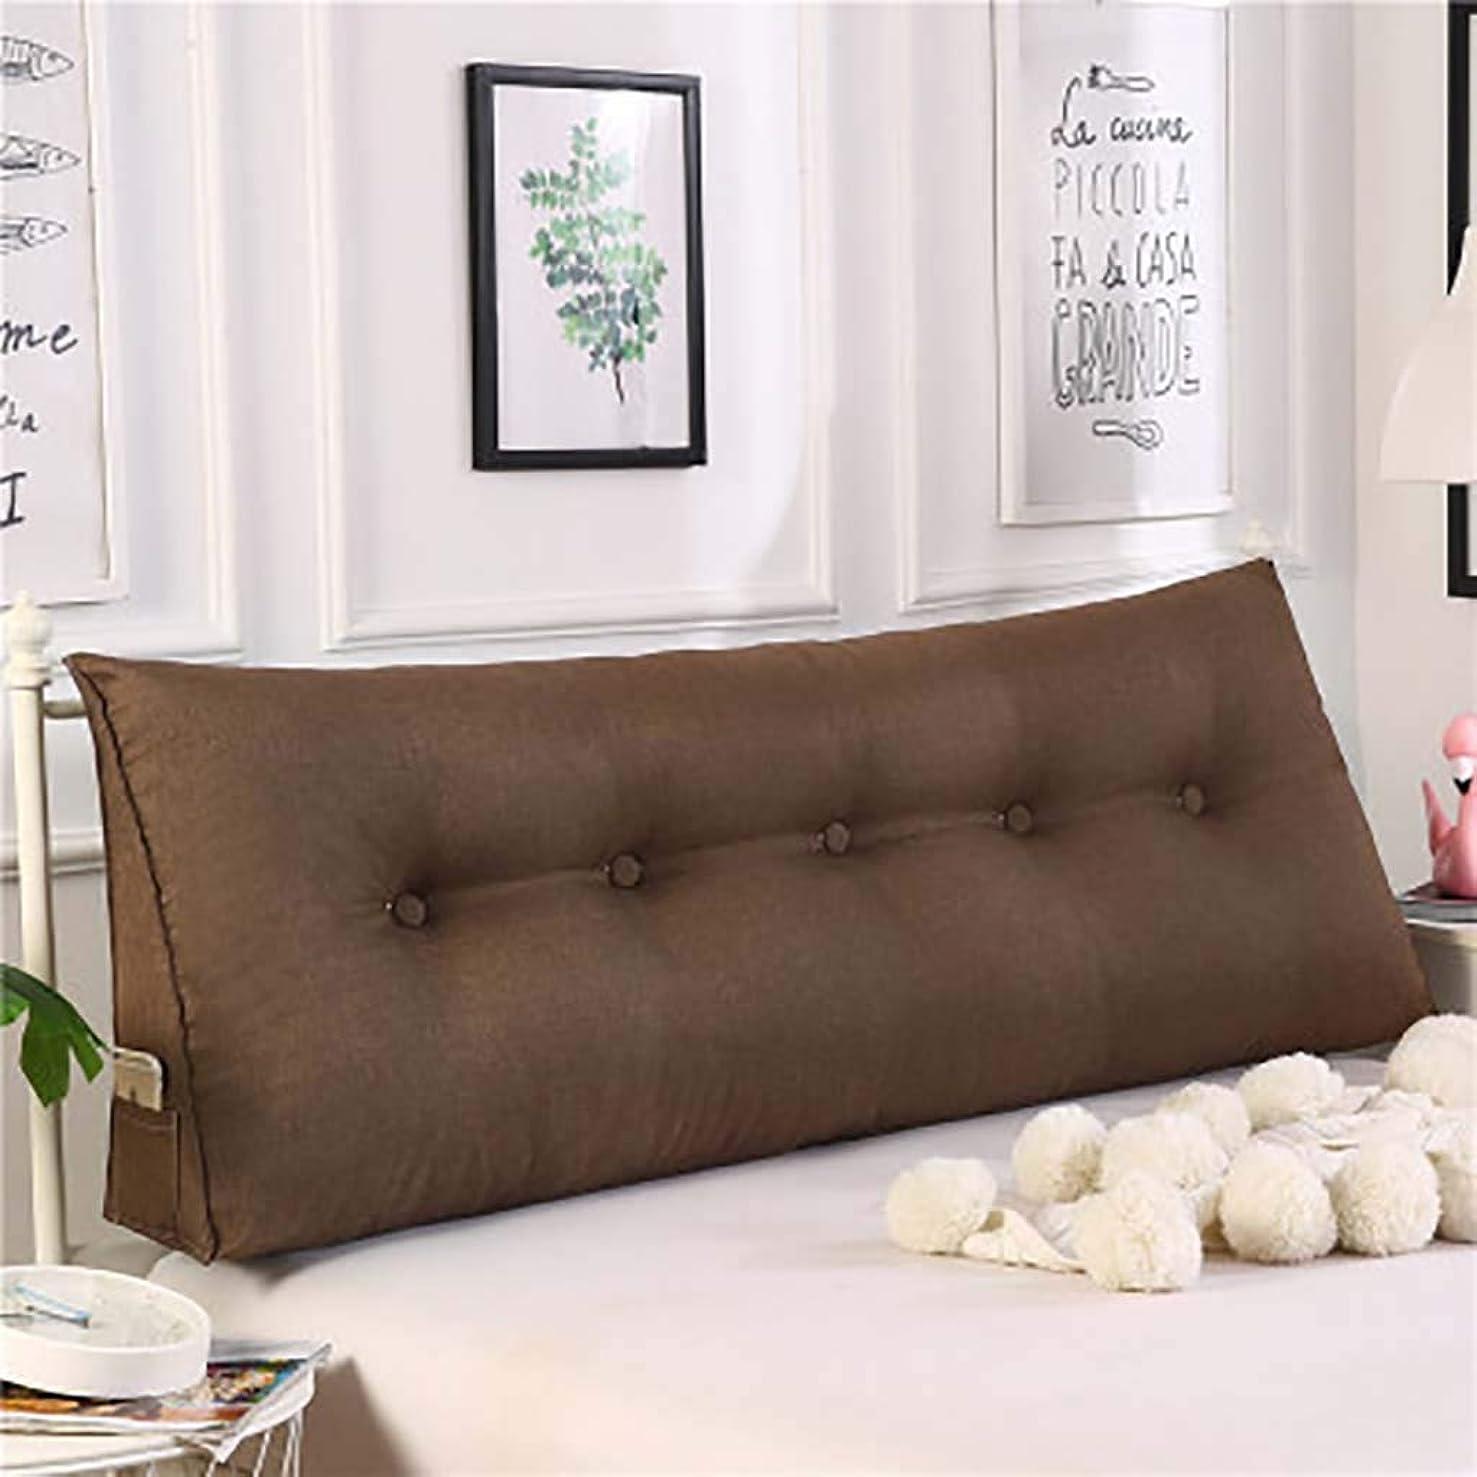 引き付ける発動機マルコポーロ三角 ウェッジ枕,ベッド 戻る クッション,3-次元 ベッド 背もたれ 枕 ダブル ヘッドボード クッション 畳 読ん 背もたれ-コーヒー色 120x50x20cm(47x20x8inch)